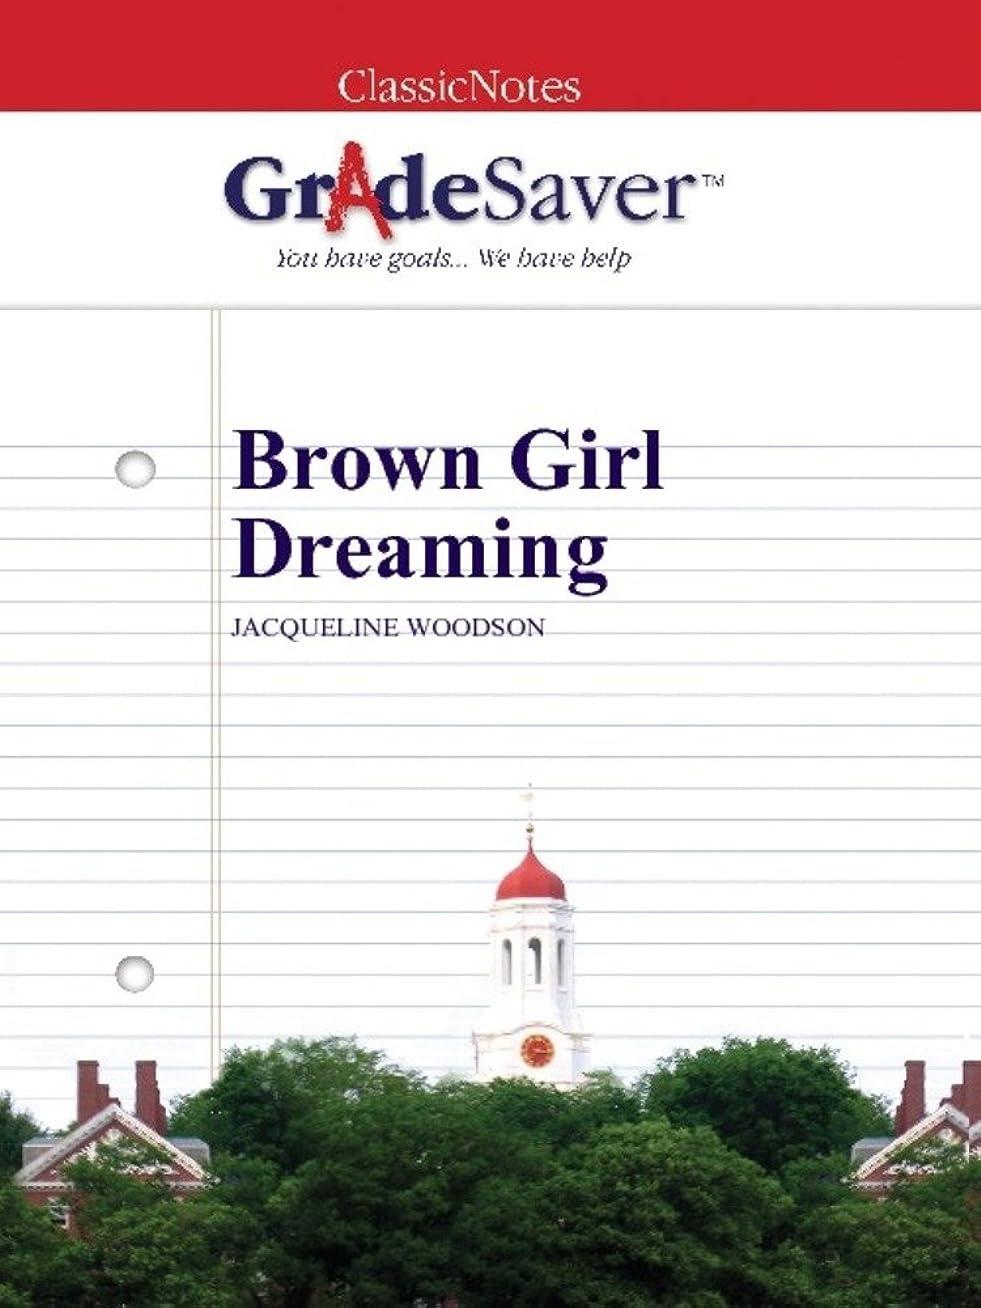 そのようなシルクかごGradeSaver (TM) ClassicNotes: Brown Girl Dreaming (English Edition)